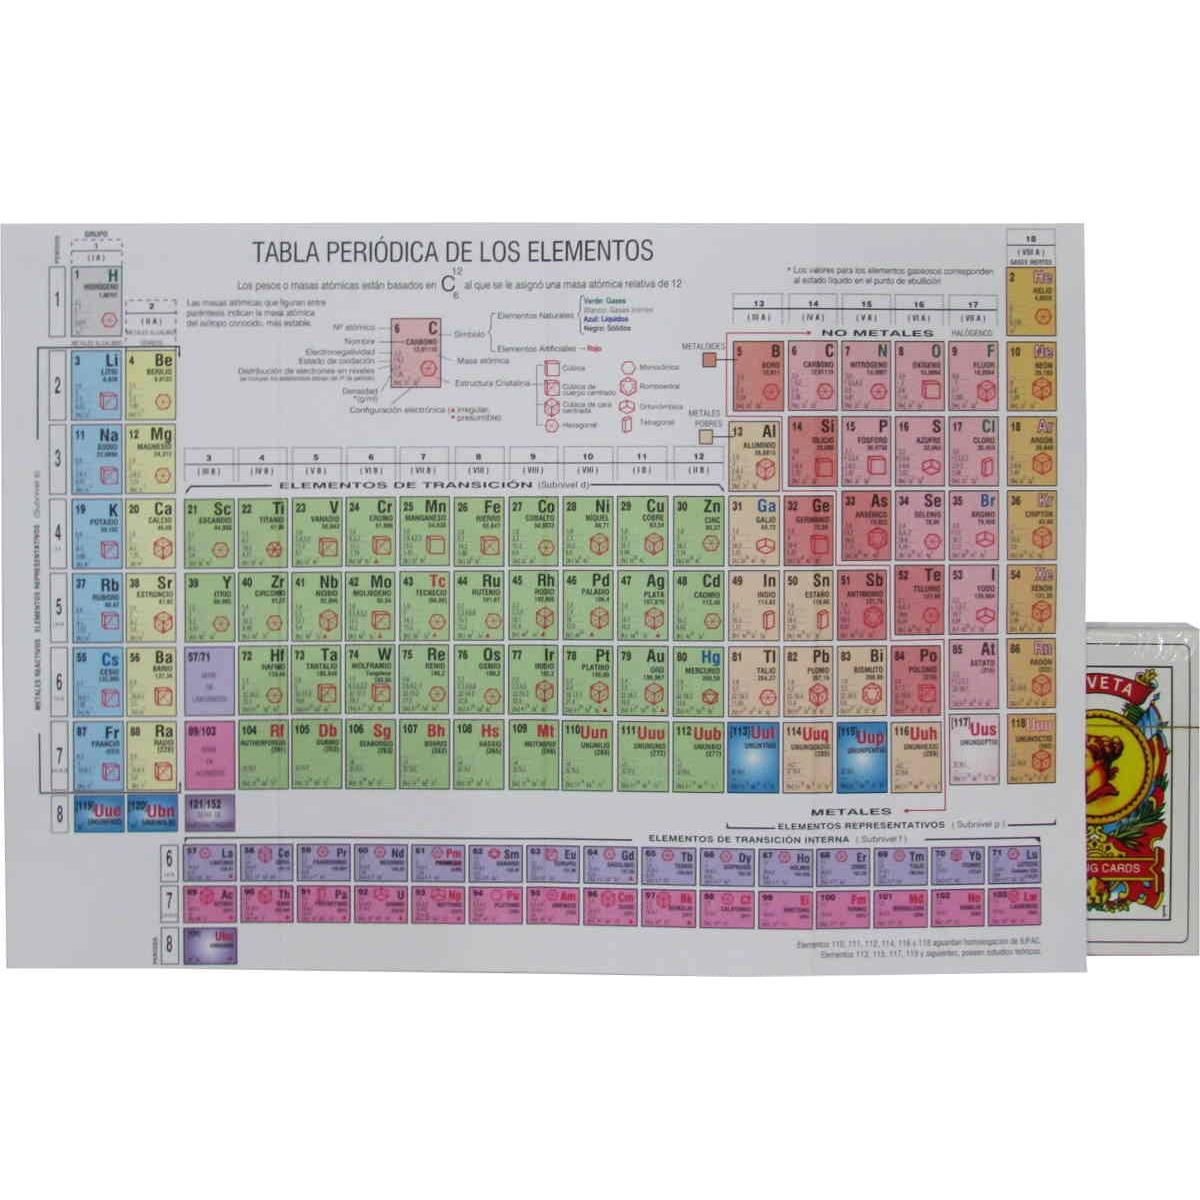 Tabla periodica de los elementos distribuidora romero tabla periodica de los elementos urtaz Images